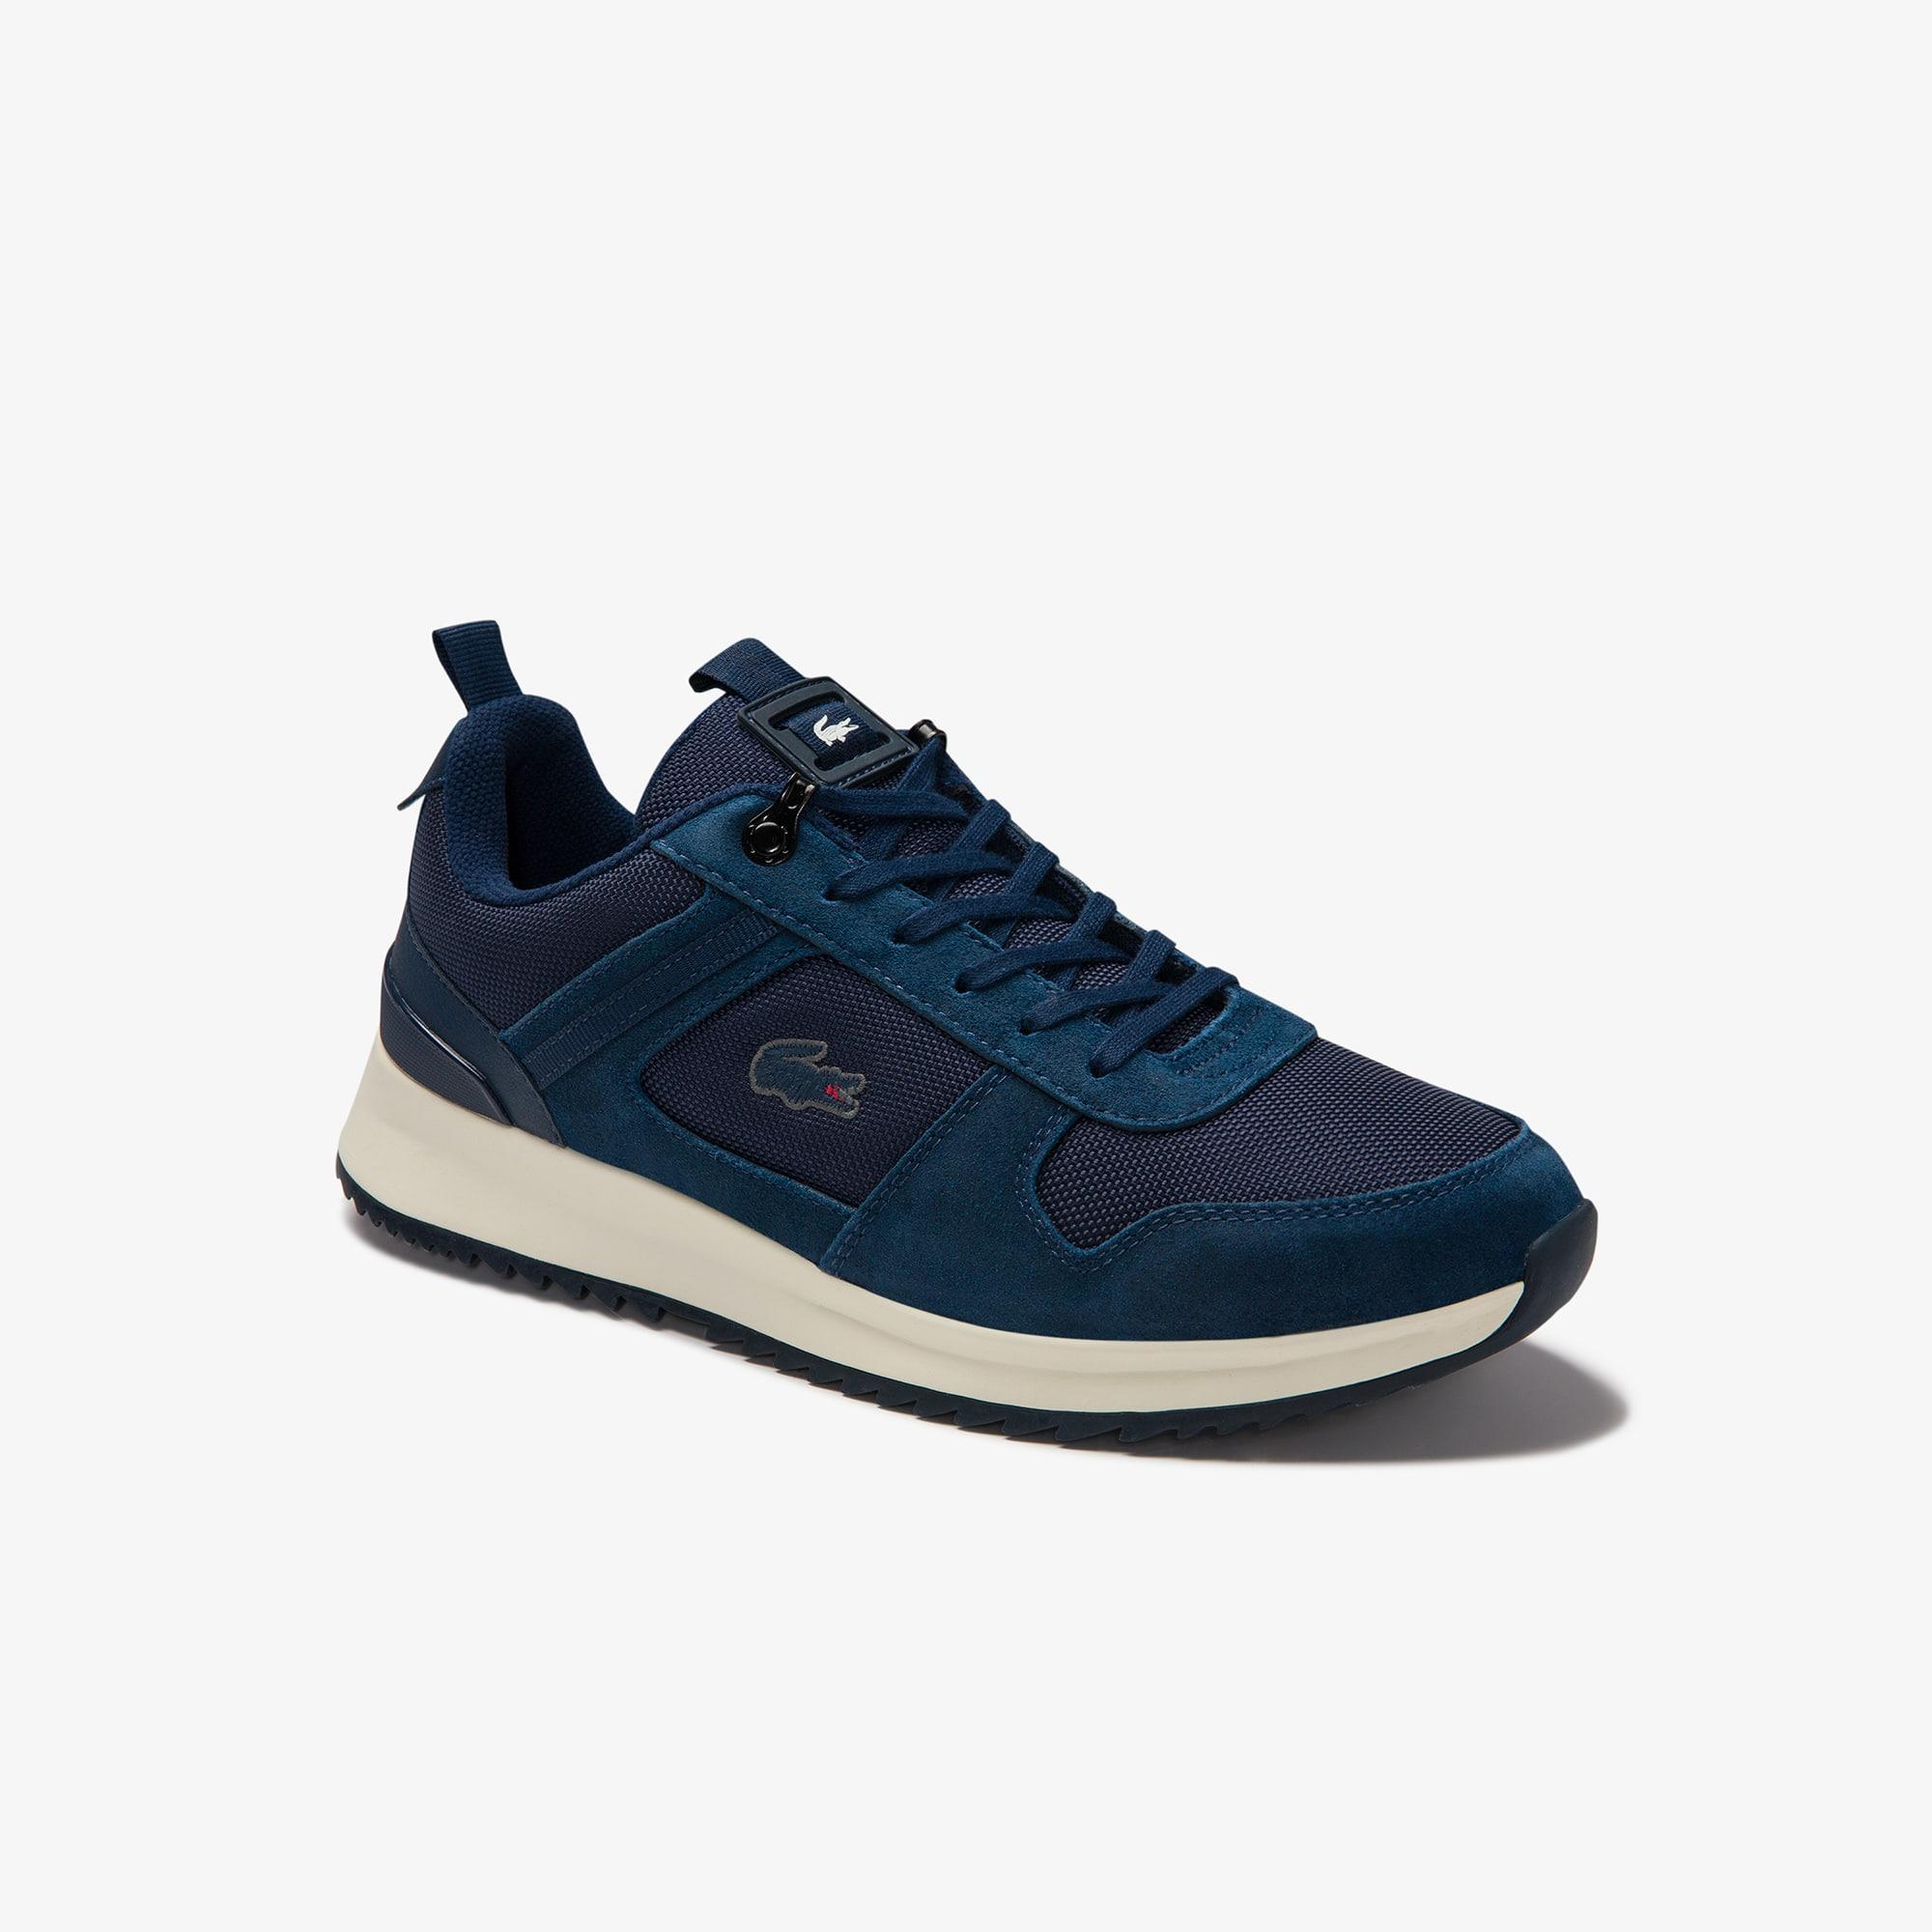 Lacoste Tennis Homme Chaussures Outlet De 417 Bleu Chaymon